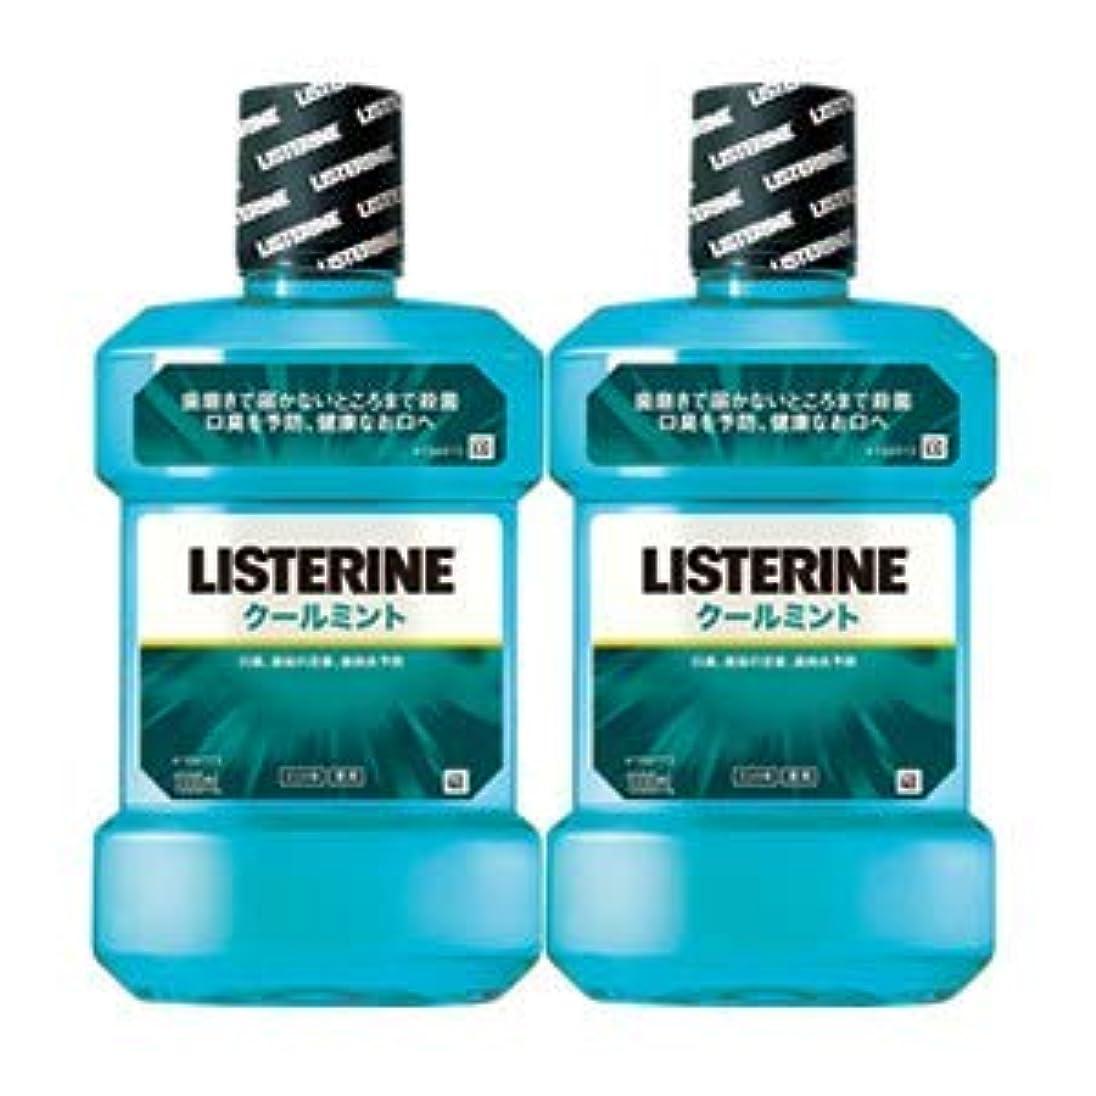 浸漬専ら元の薬用リステリン クールミント (マウスウォッシュ/洗口液) 1000mL×2本セット